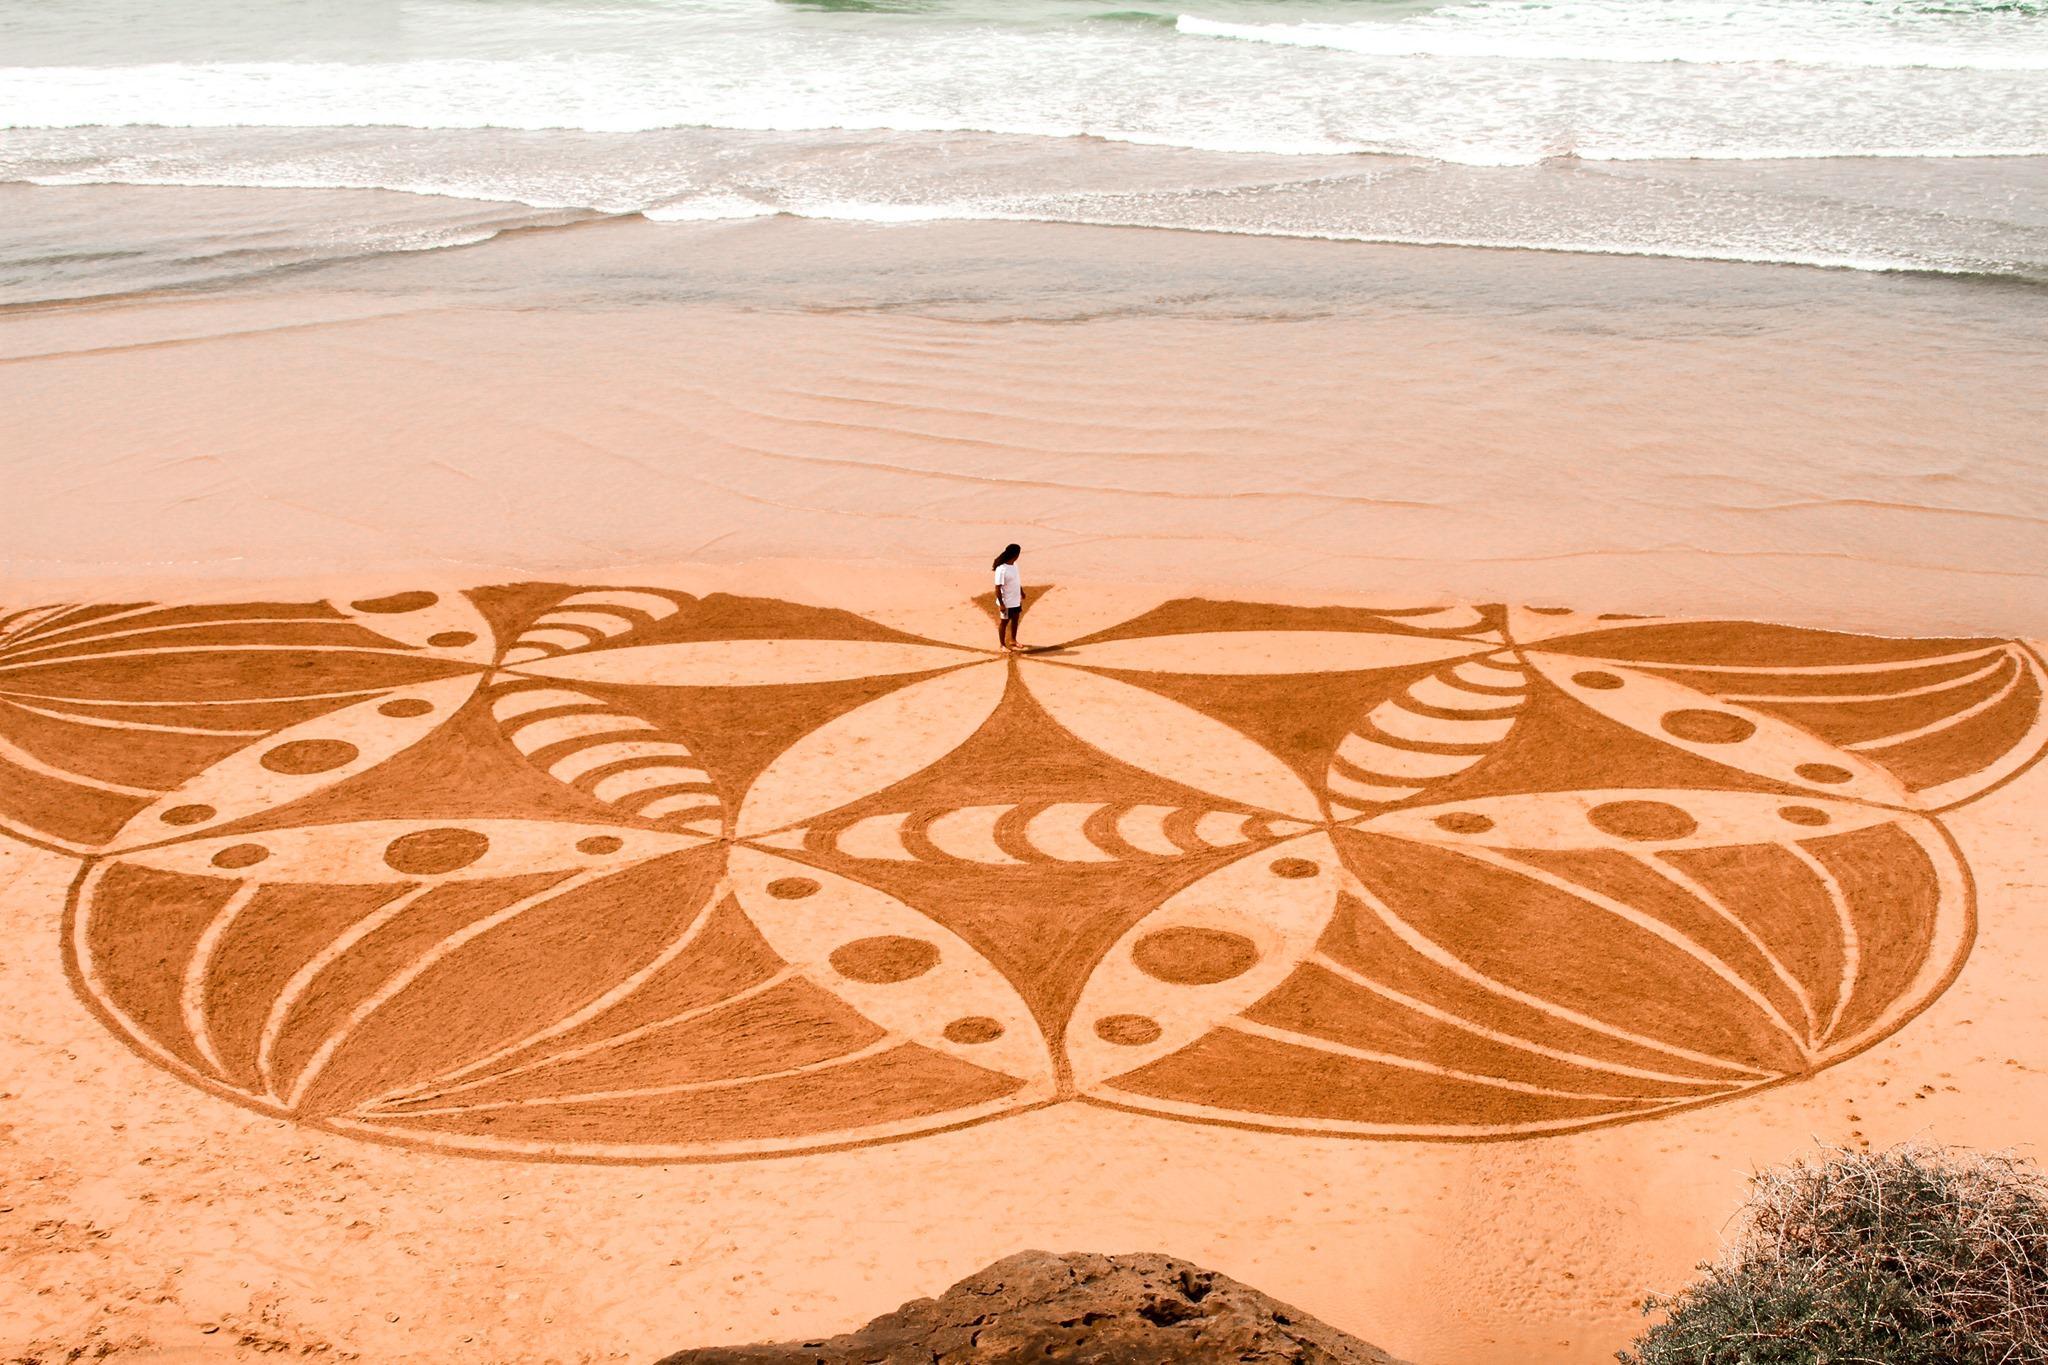 عبد الرحمان بوحلوكة.. فنان شاب يحول رمال الشواطئ إلى لوحات فنية